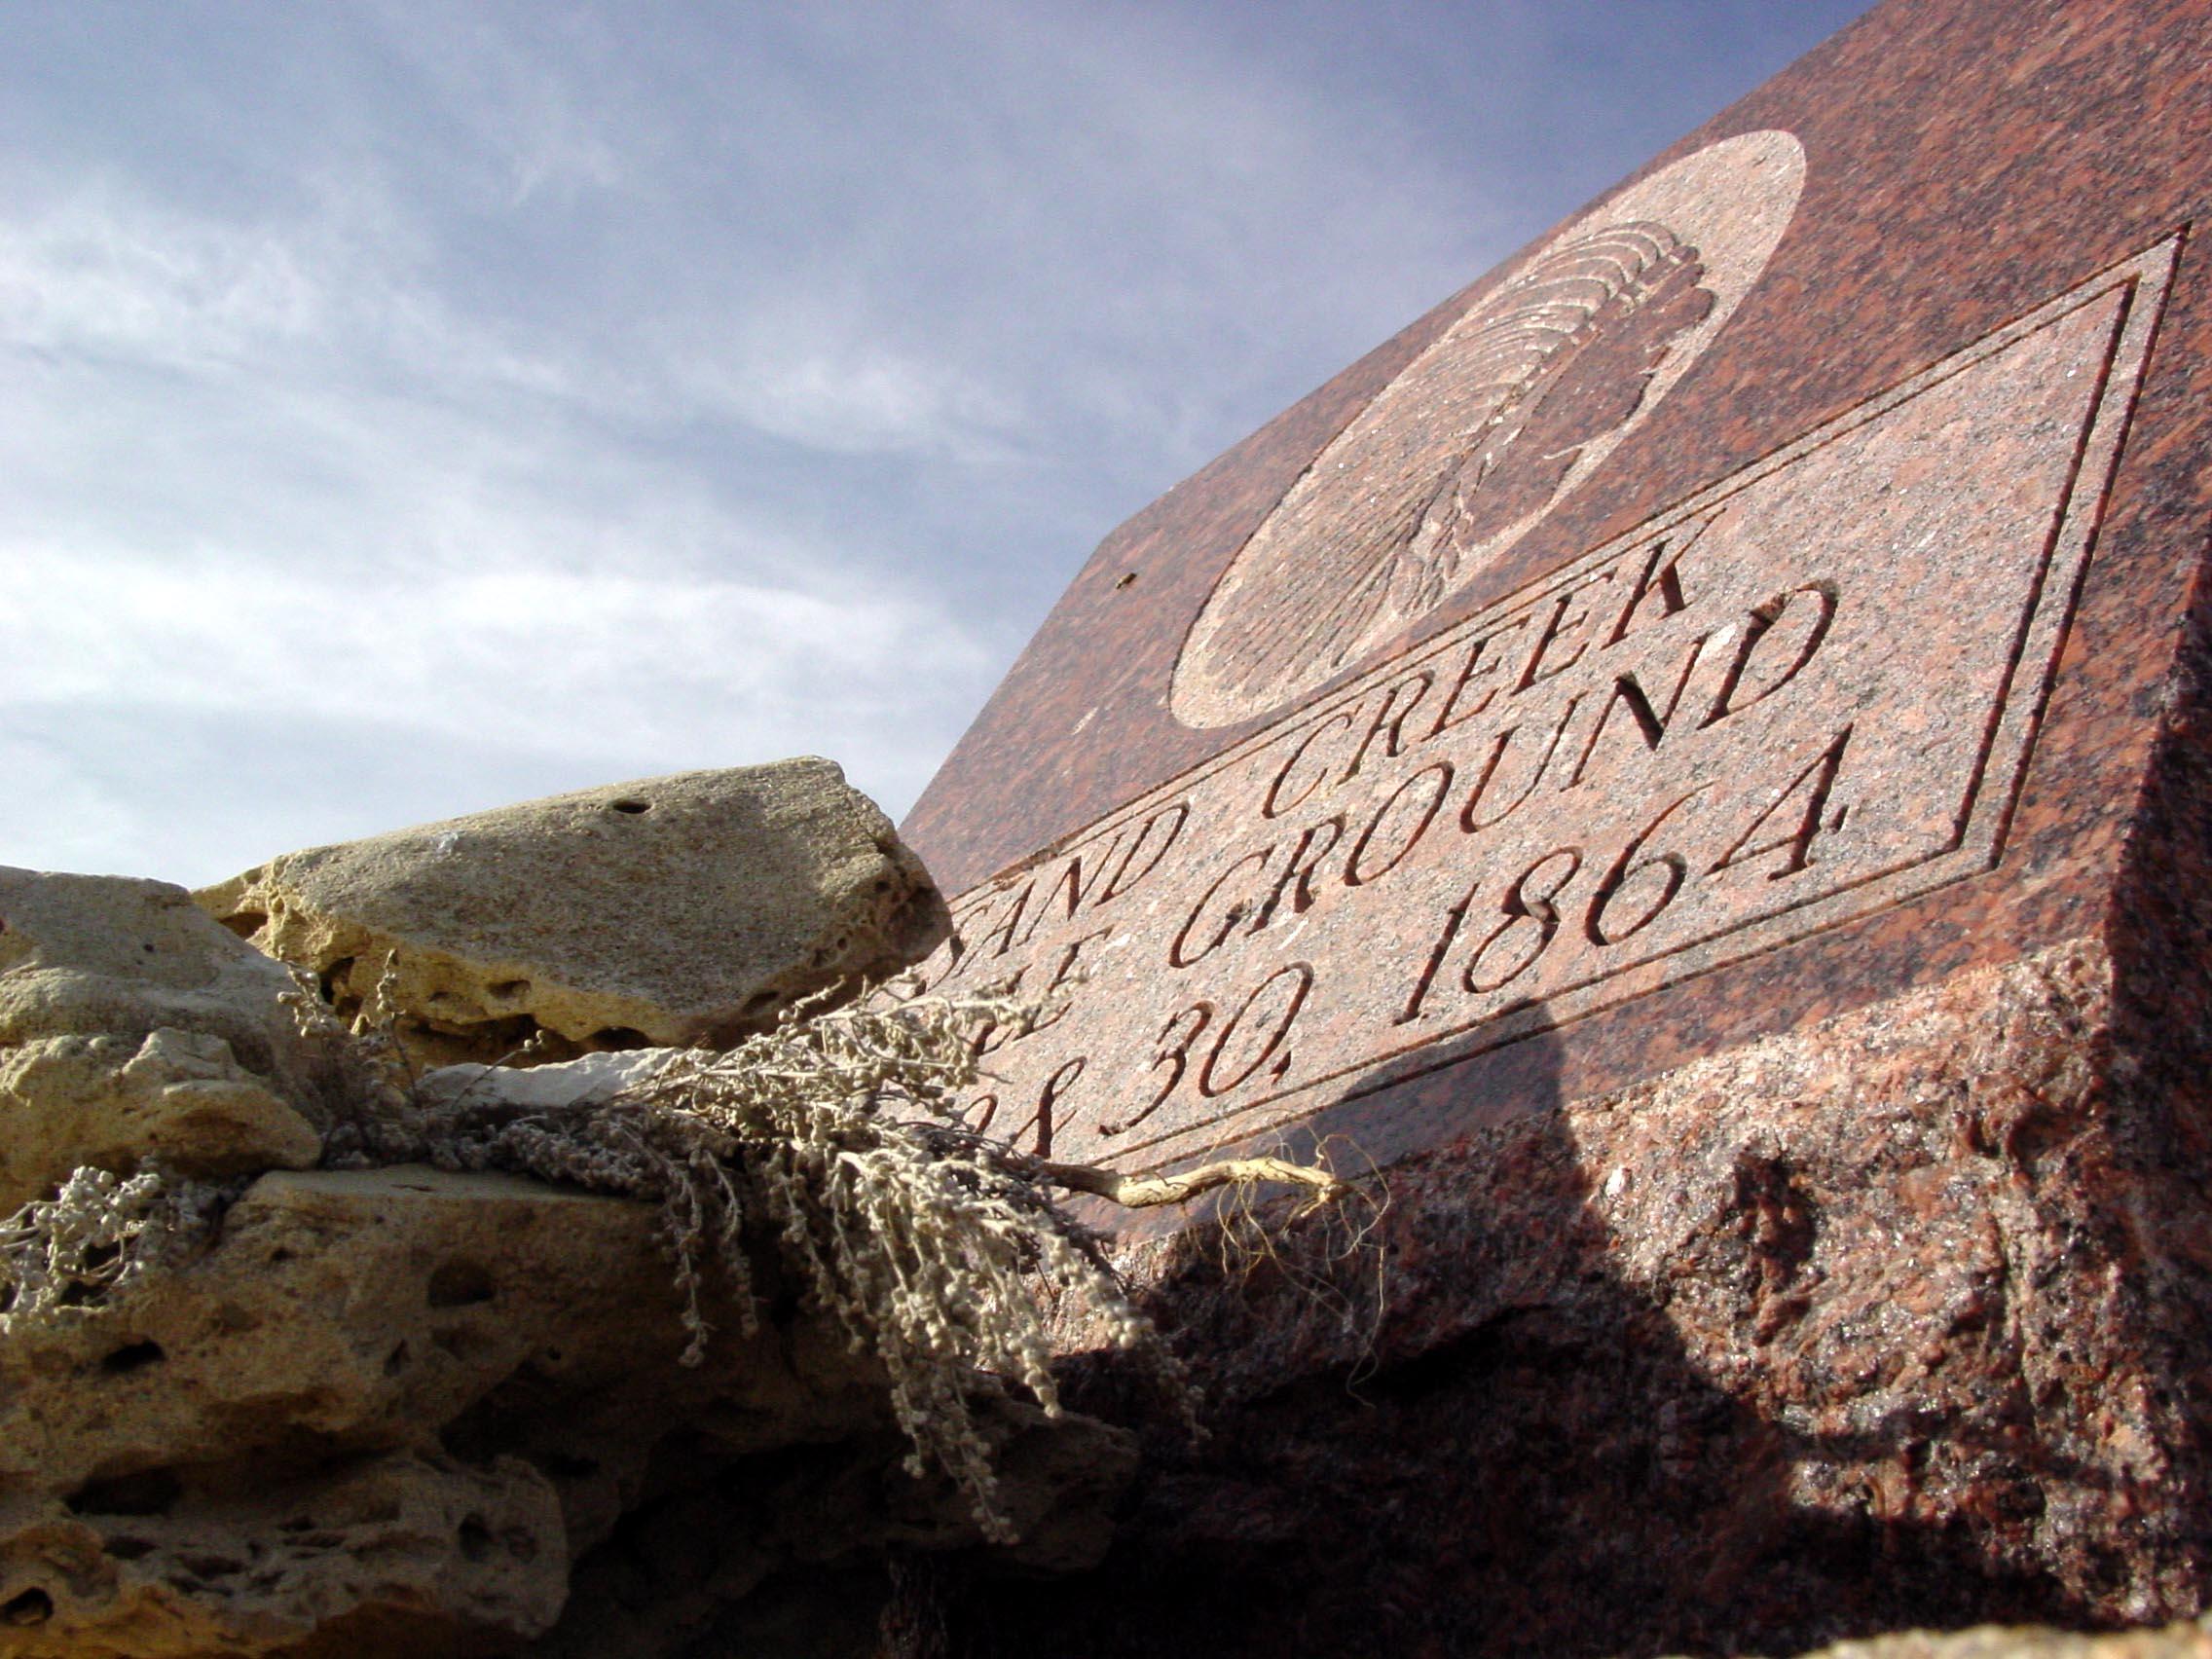 sand-creek-massacre-site-marker